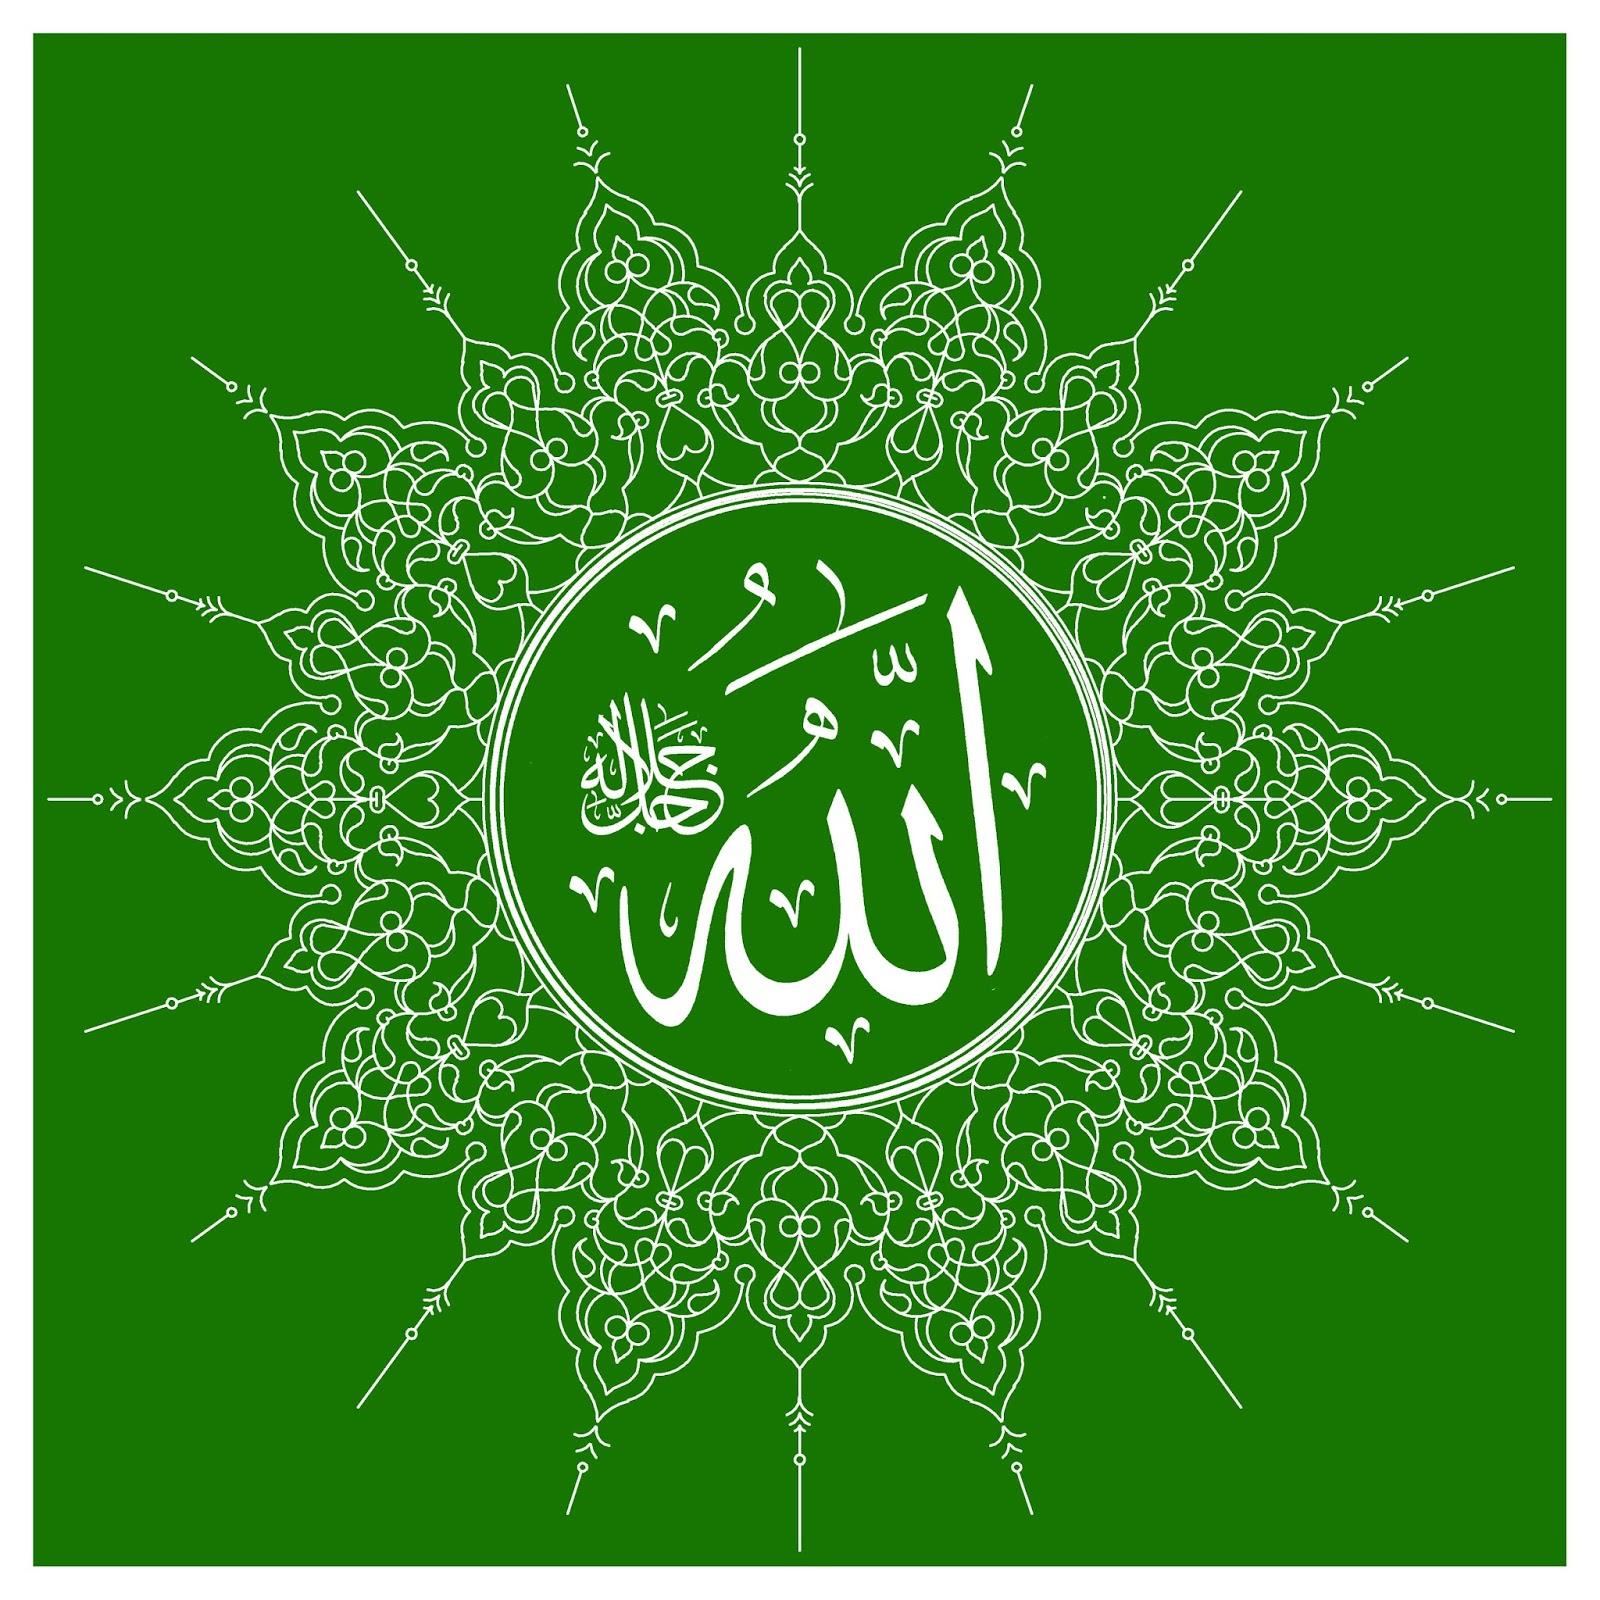 Рисунок с надписью аллах